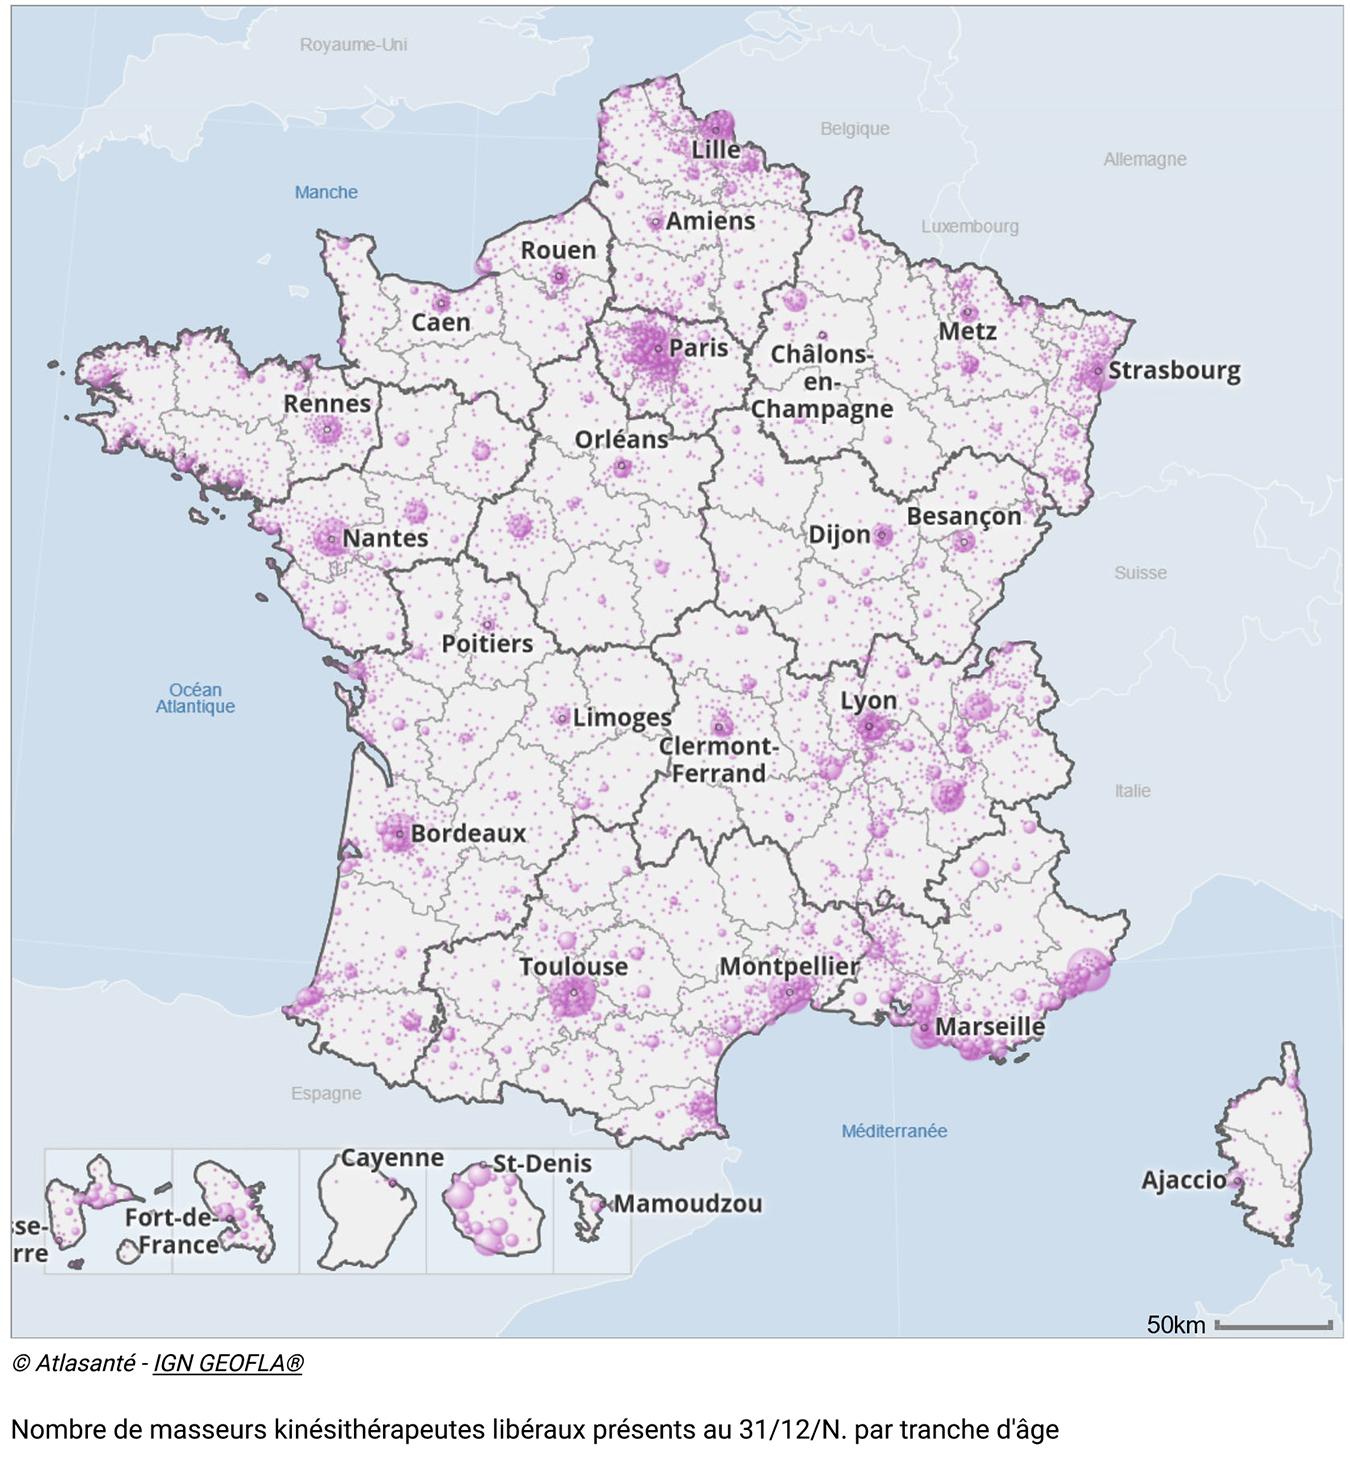 Carte des masseurs kinésithérapeutes en France